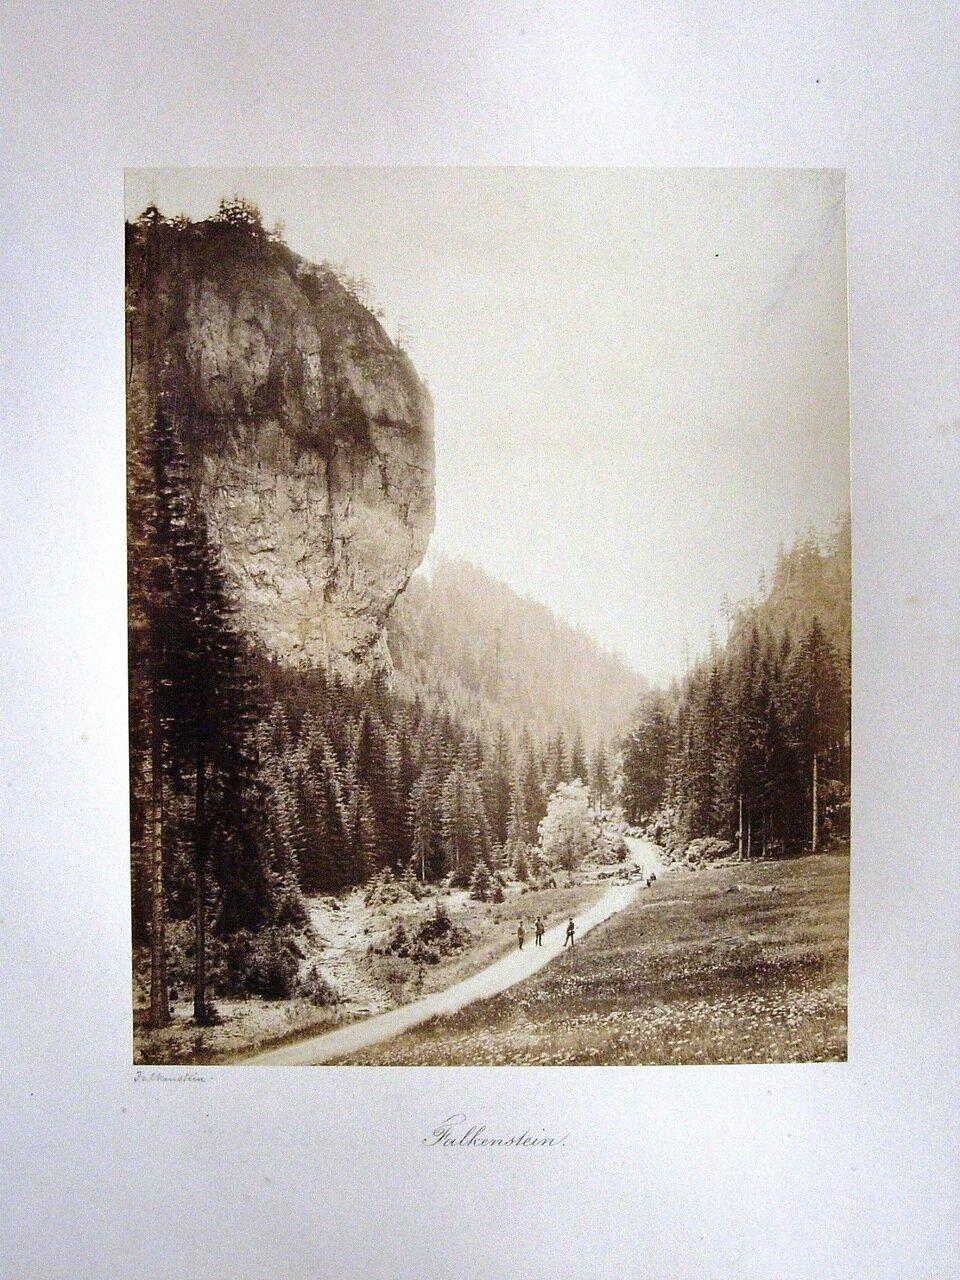 Falkenstein. [Photographs of Gotha, 1858. ]